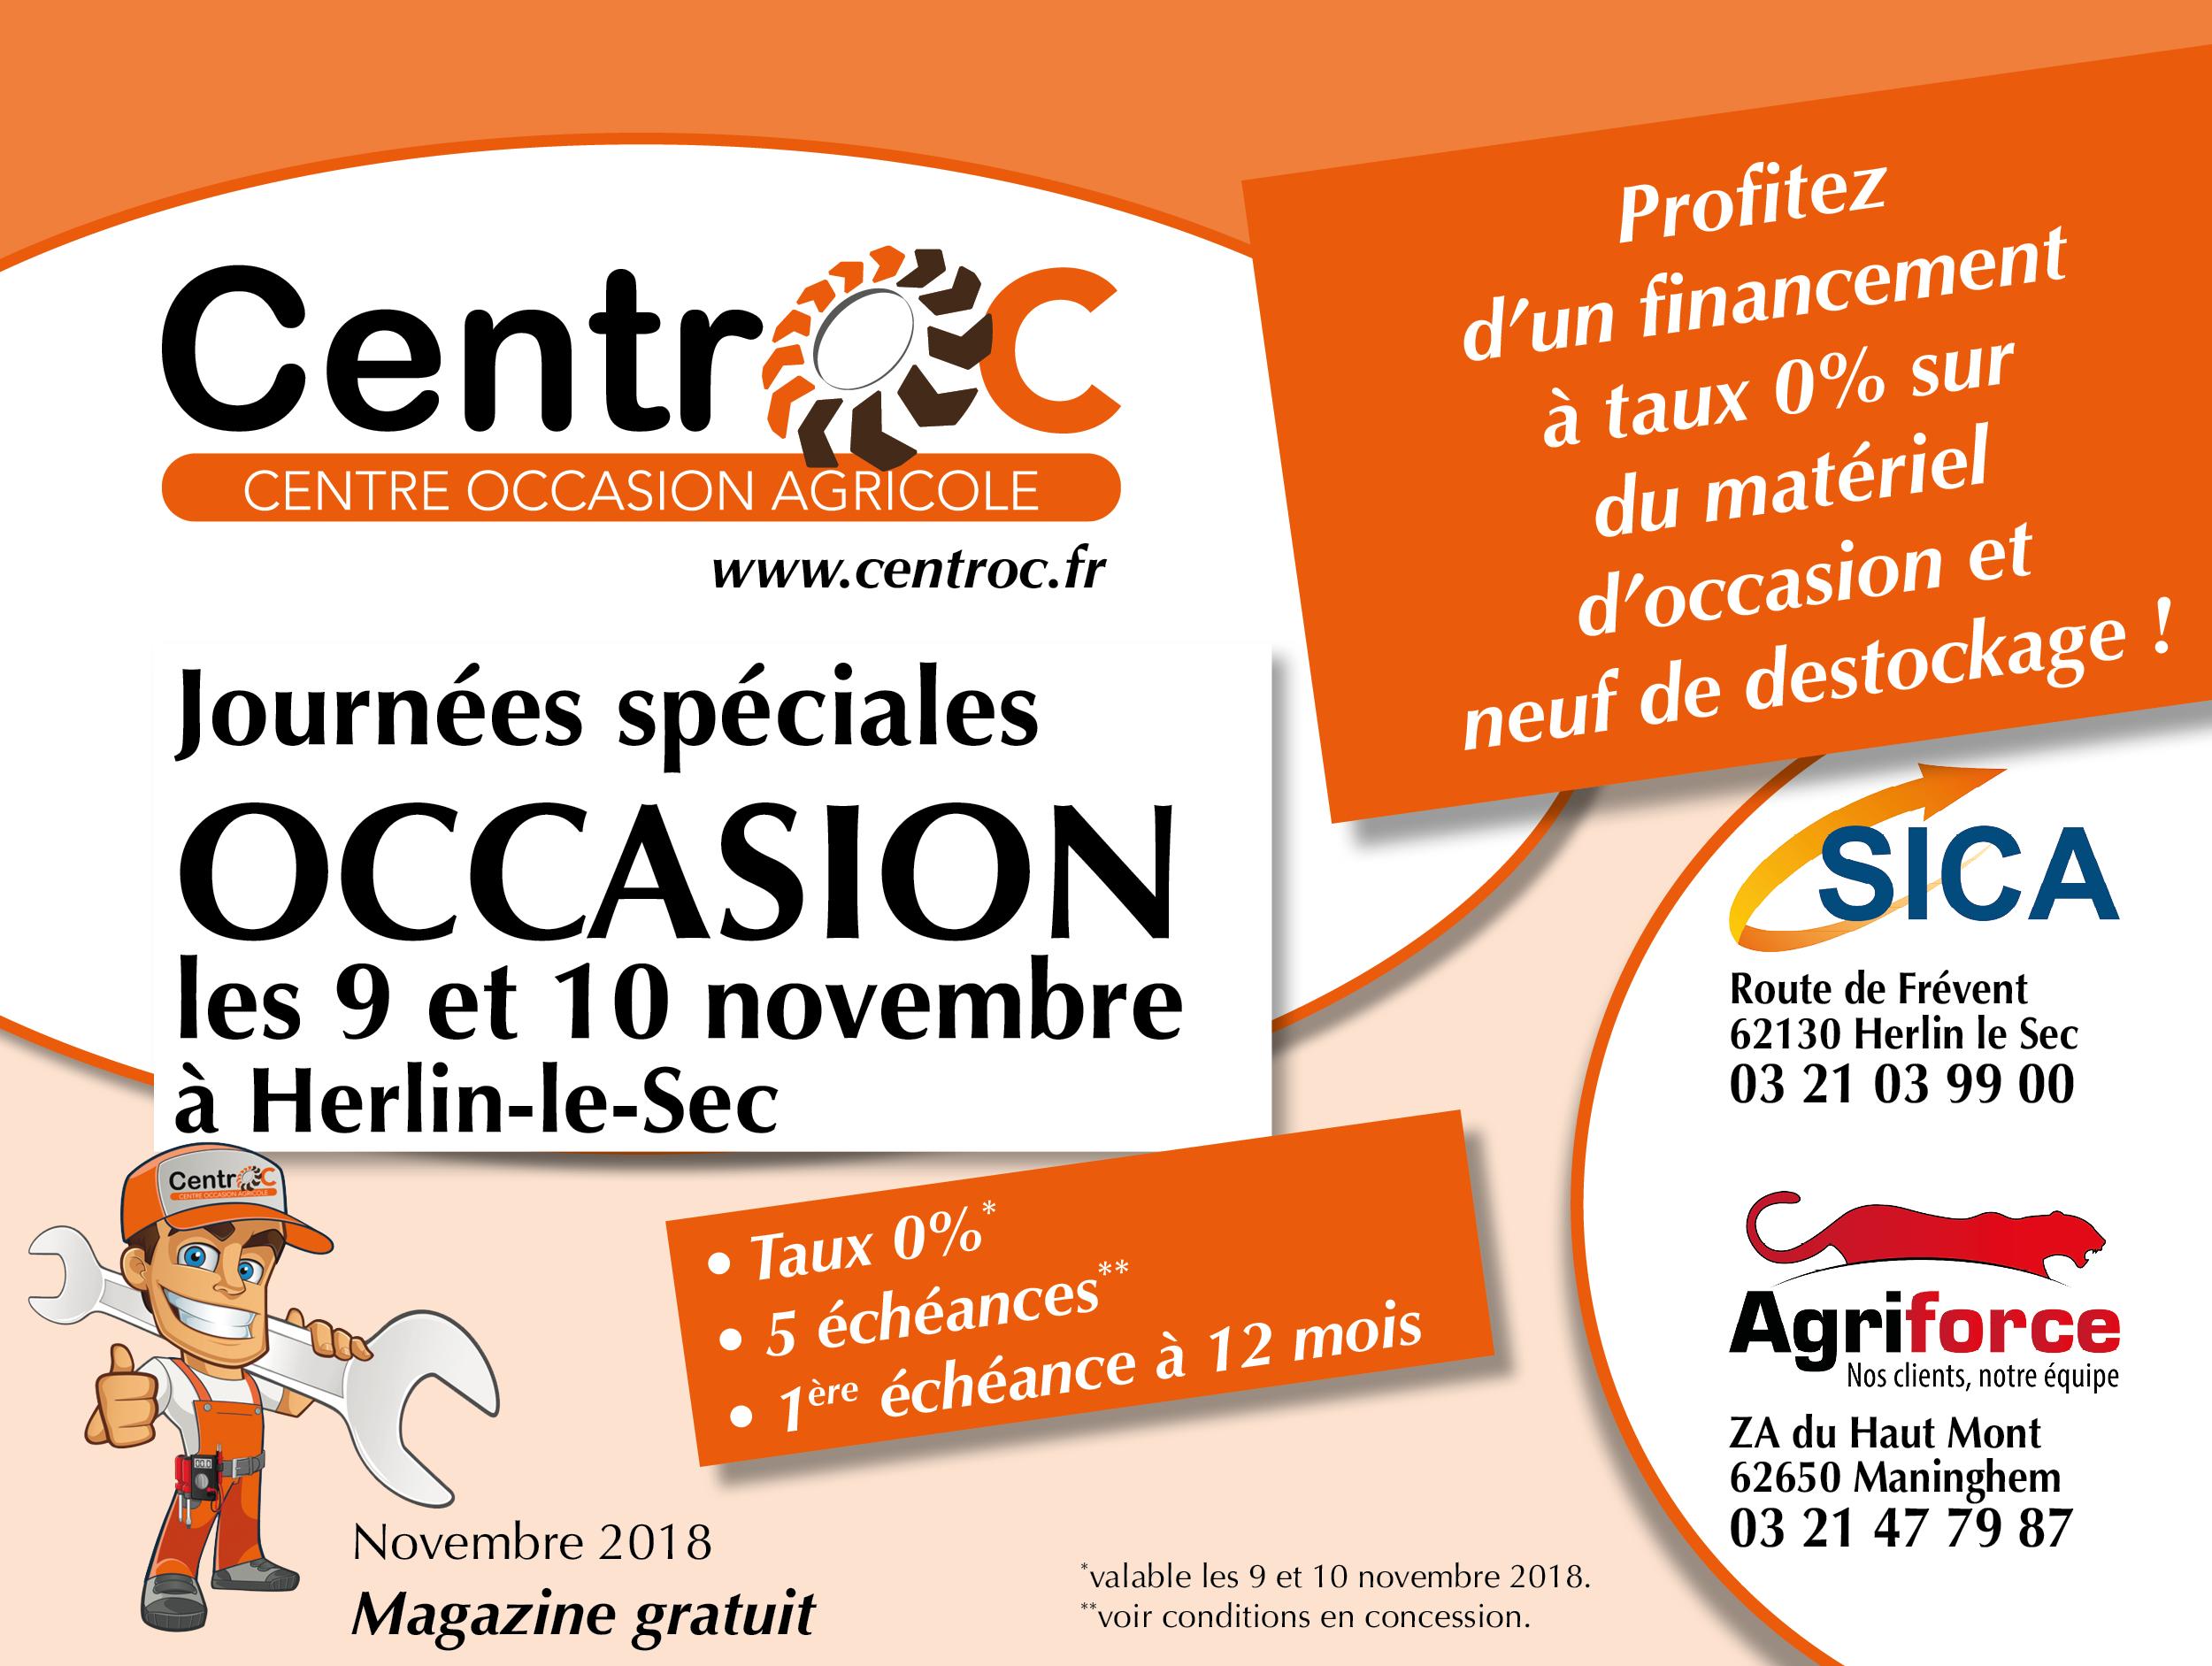 Catalogue Centroc Journées Spéciales Occasion